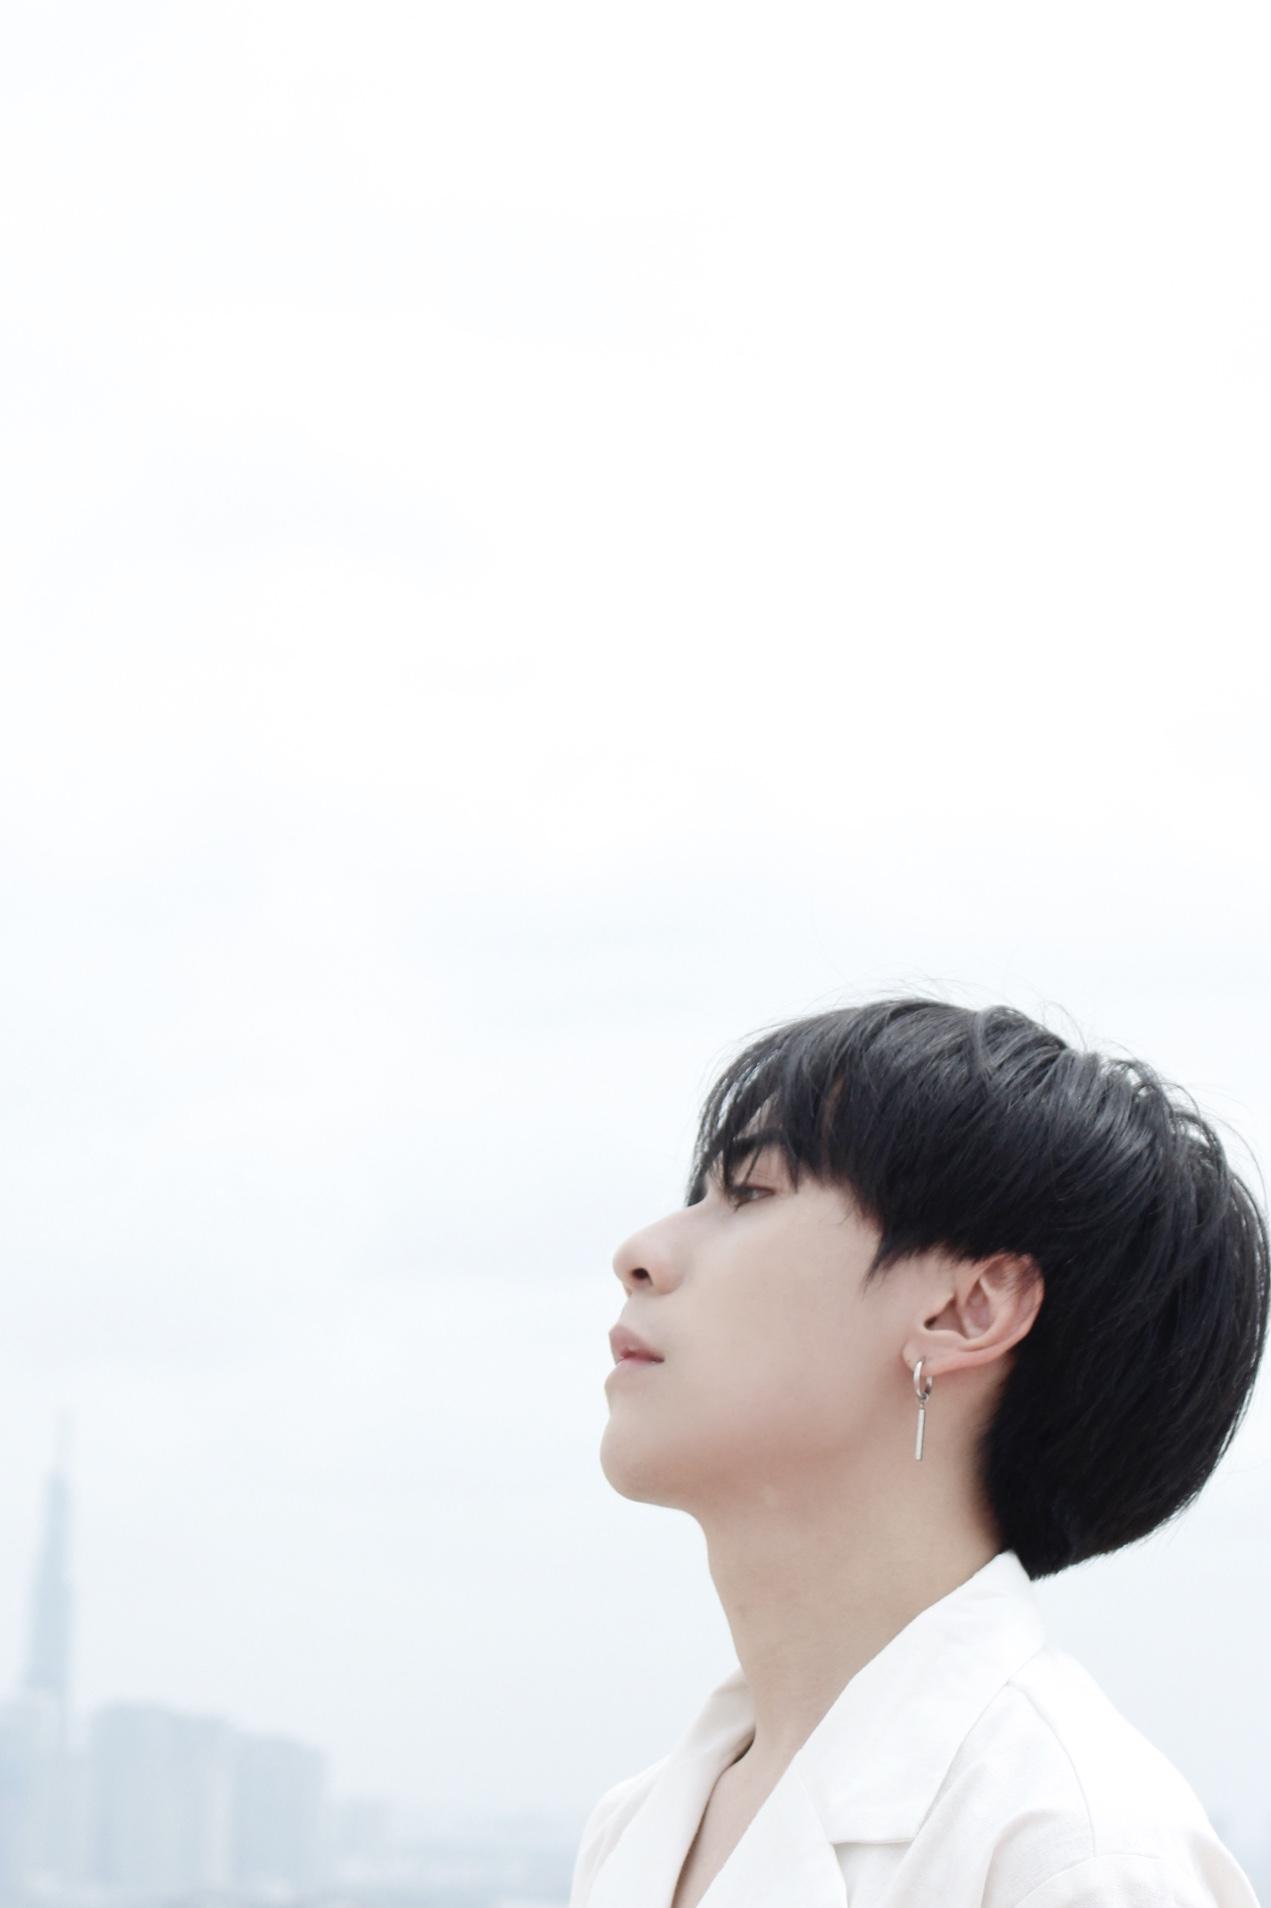 """Hết an ủi """"Đừng khóc một mình"""", Quang Hùng MasterD tiếp tục hoài niệm với """"Nỗi nhớ lặng im"""